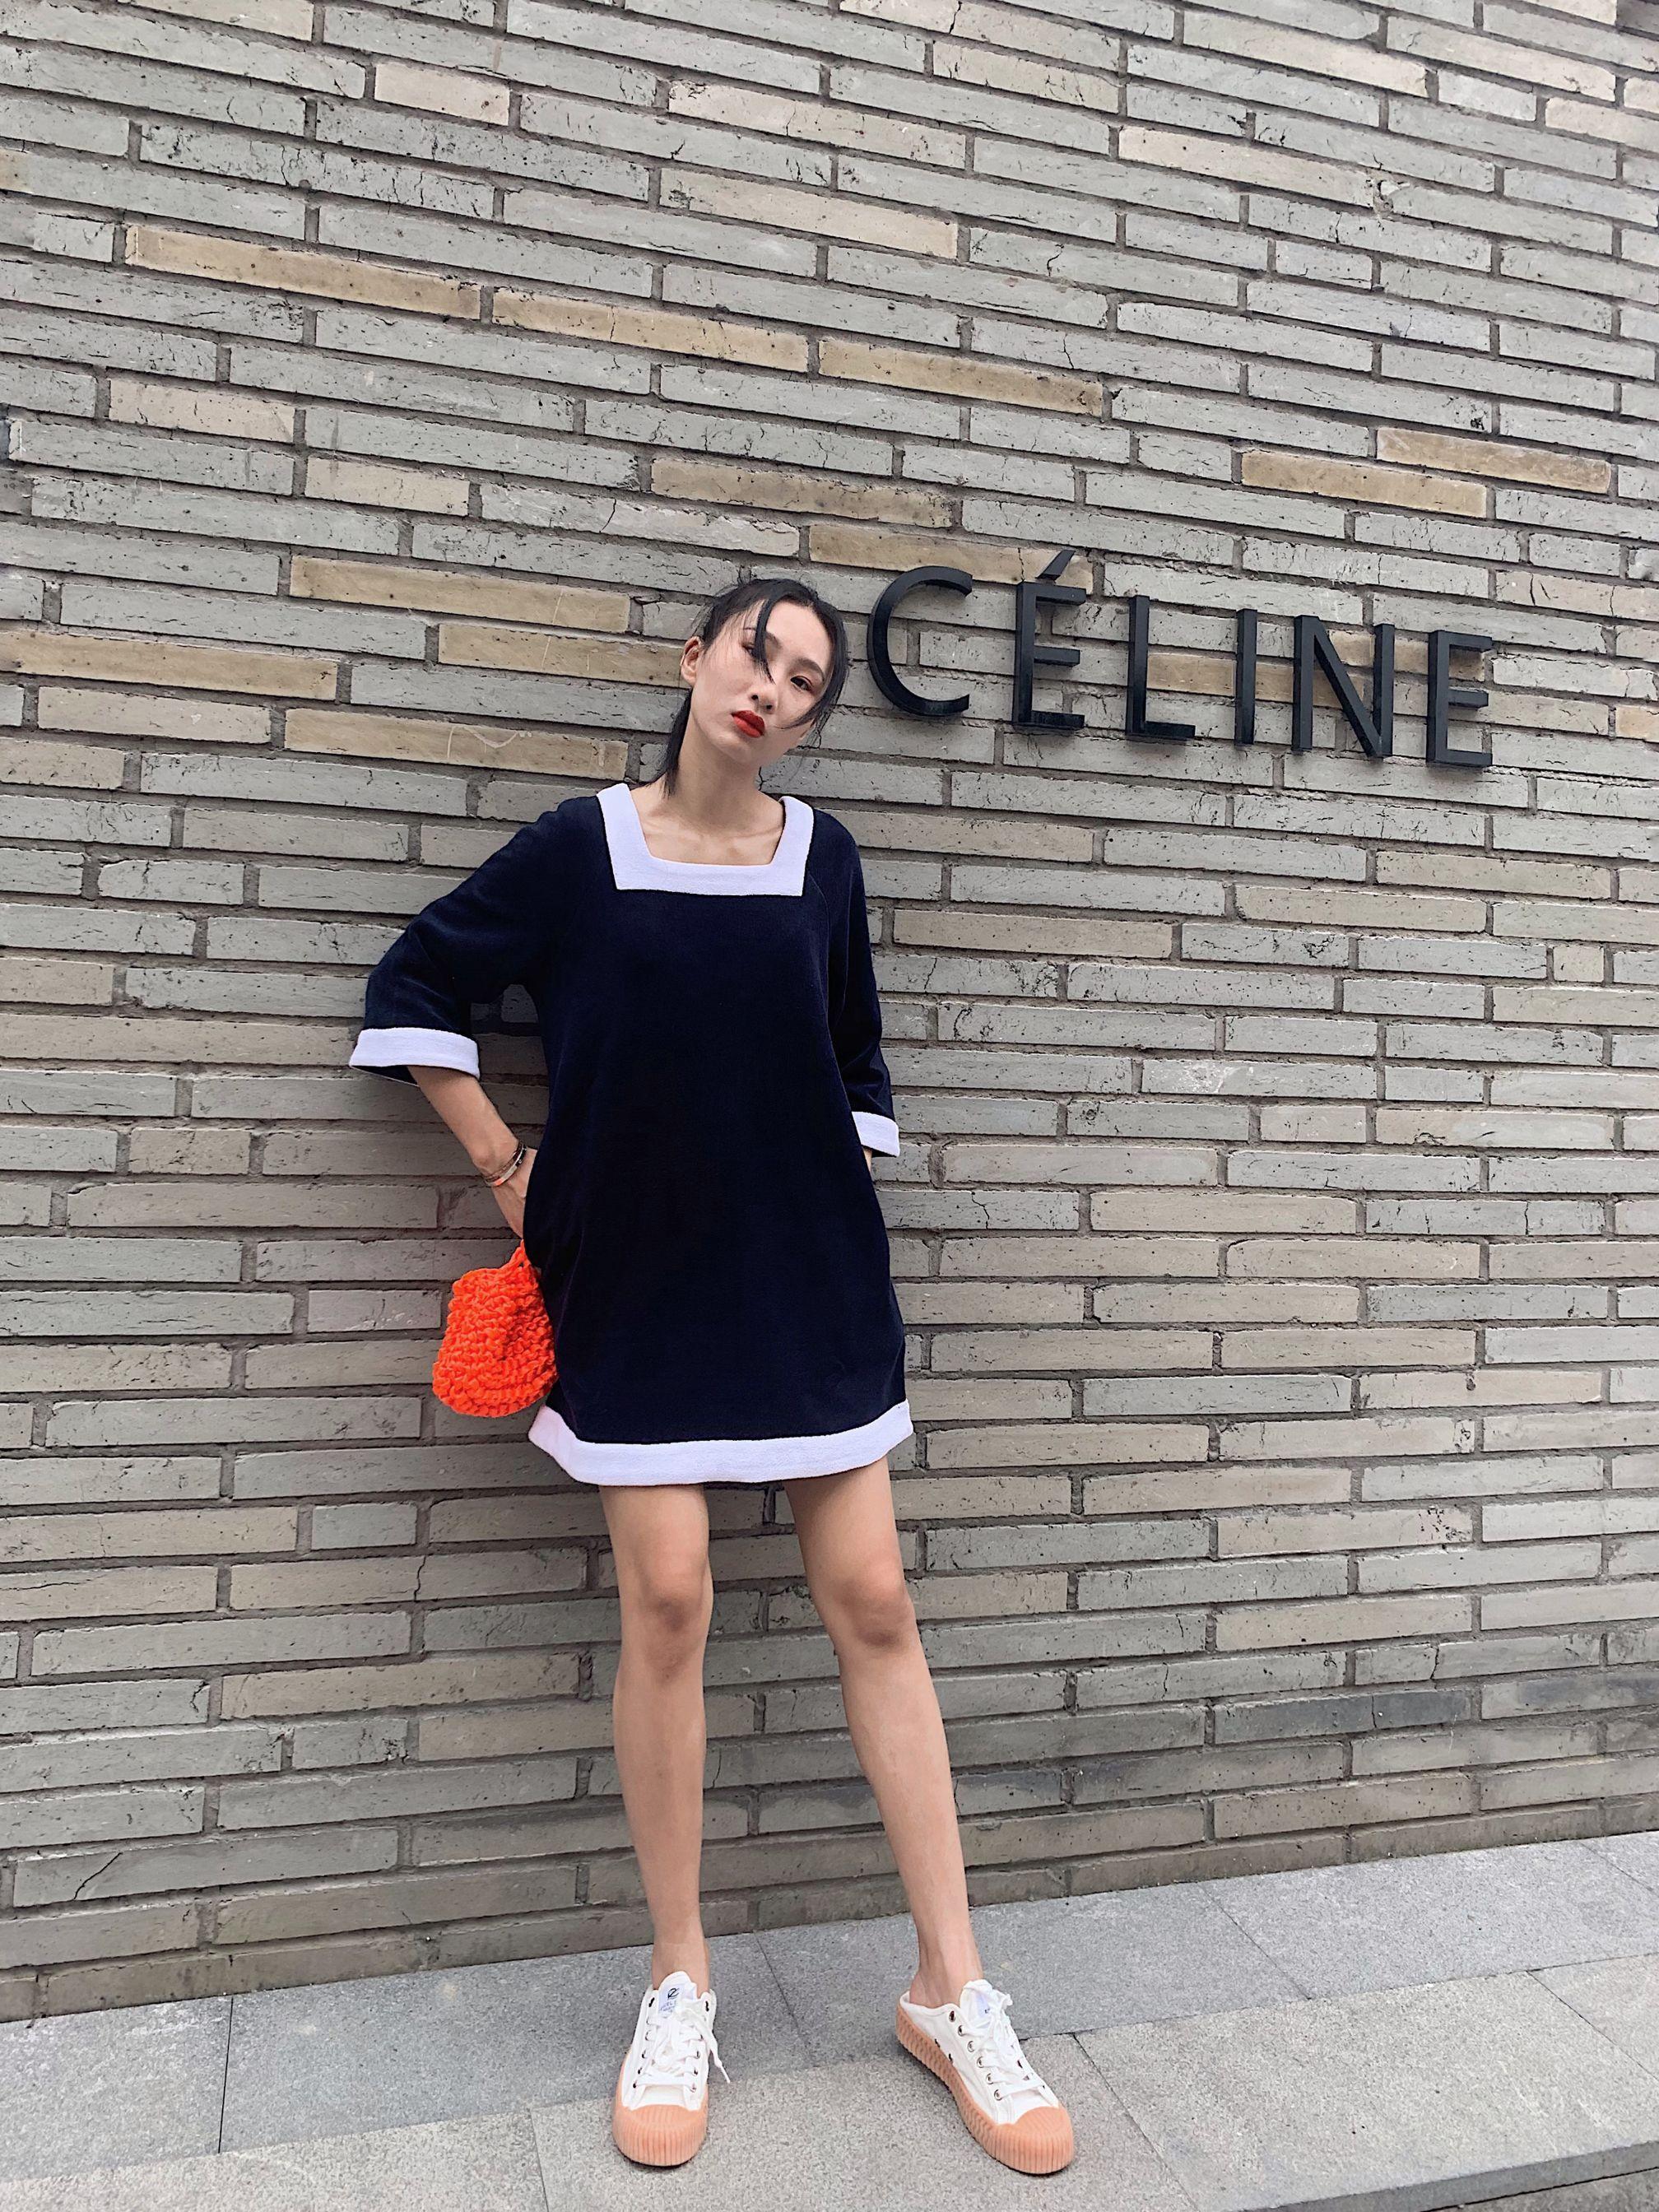 2019夏季神级减龄藏蓝白边娃娃裙限10000张券